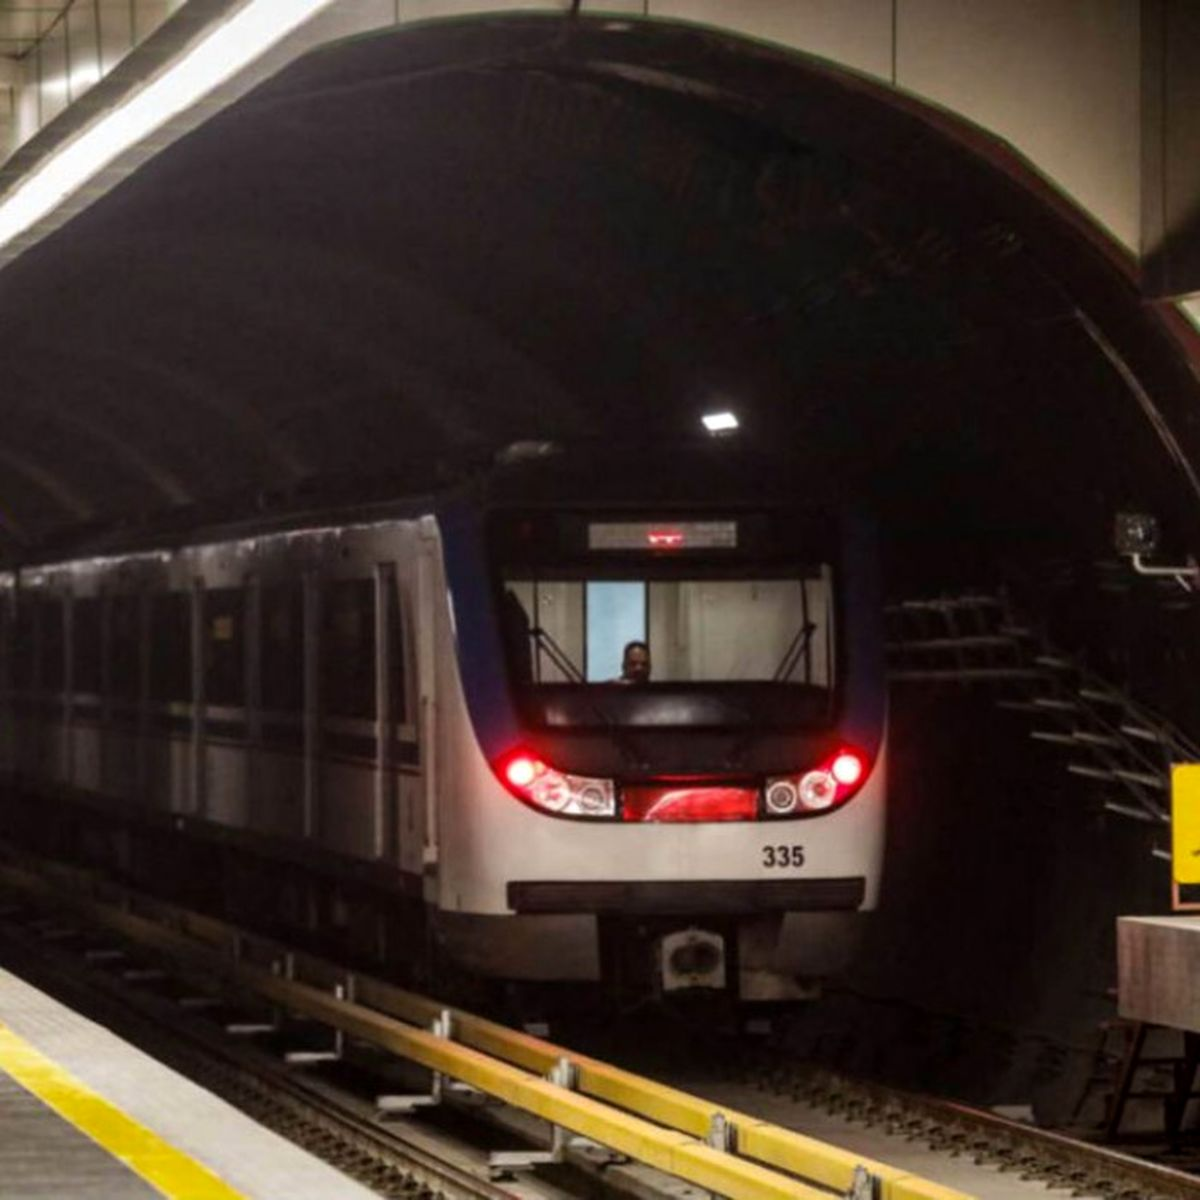 فوری/ نقص فنی در متروی ارم سبز | مسافران قطار را تخلیه کردند